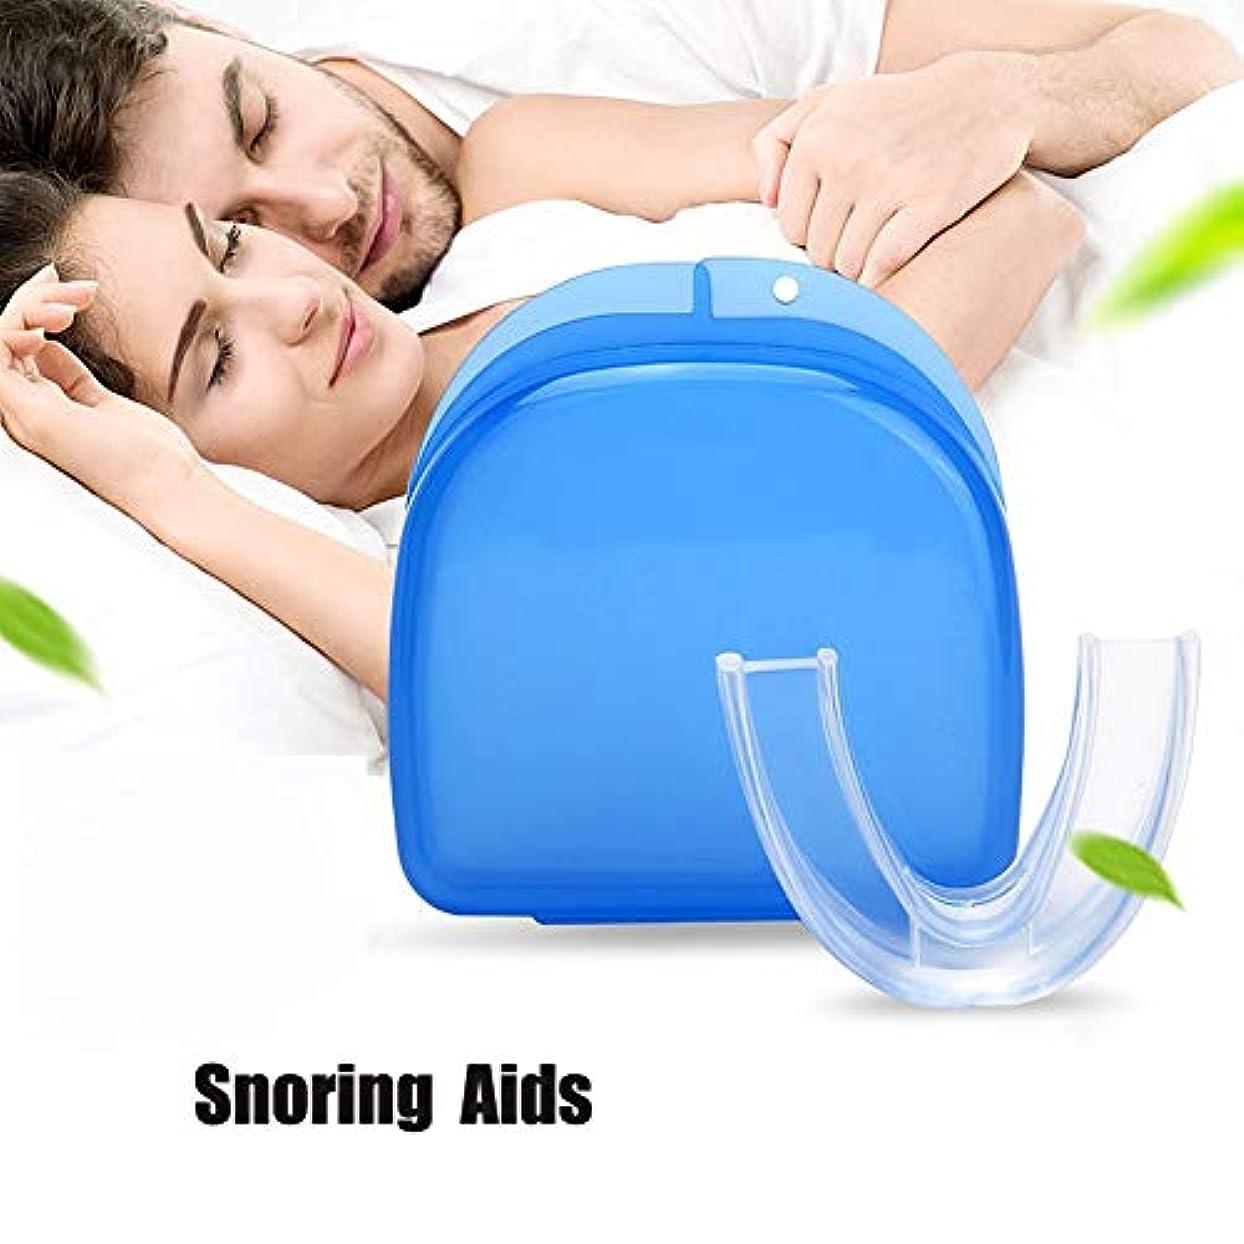 アライアンスひいきにするプロフィール安全なシリコーンアンチいびき、いびき止めソリューション品質ツール睡眠とハーモニーライフ健康睡眠ツール、3個